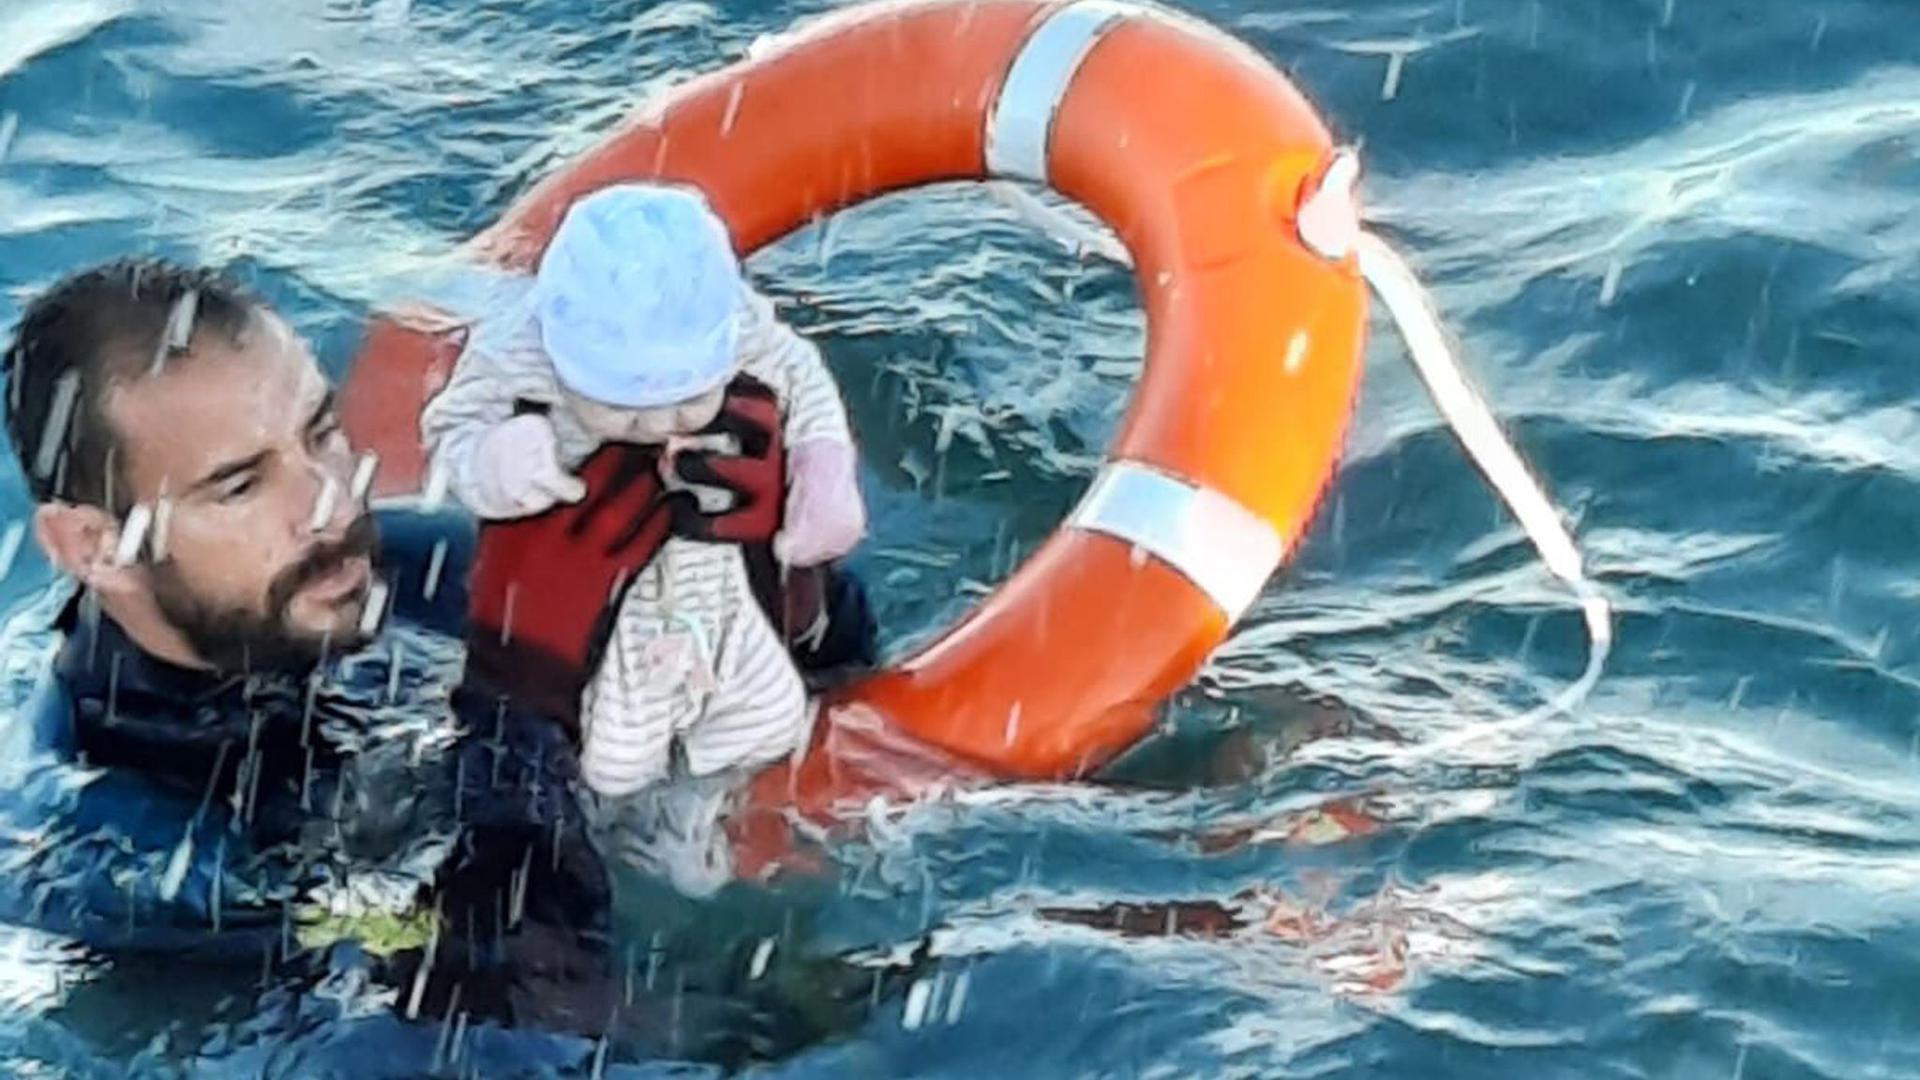 Migranten-Krise: Juan Francisco Valle, Taucher der spanischen Polizeieinheit Guardia Civil, rettet ein Baby.